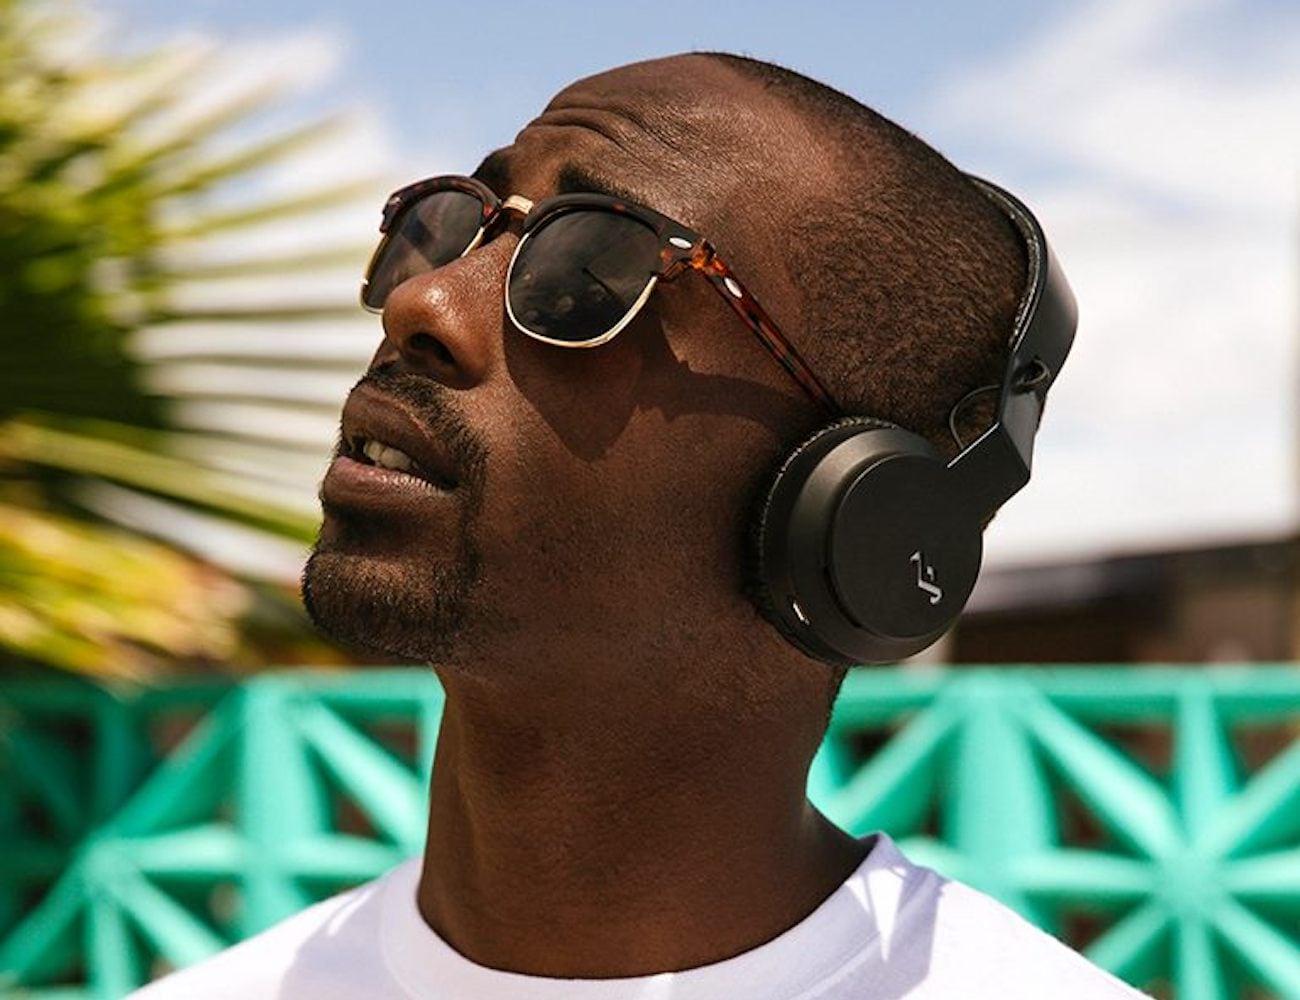 House of Marley Rebel Bluetooth On-Ear Headphones